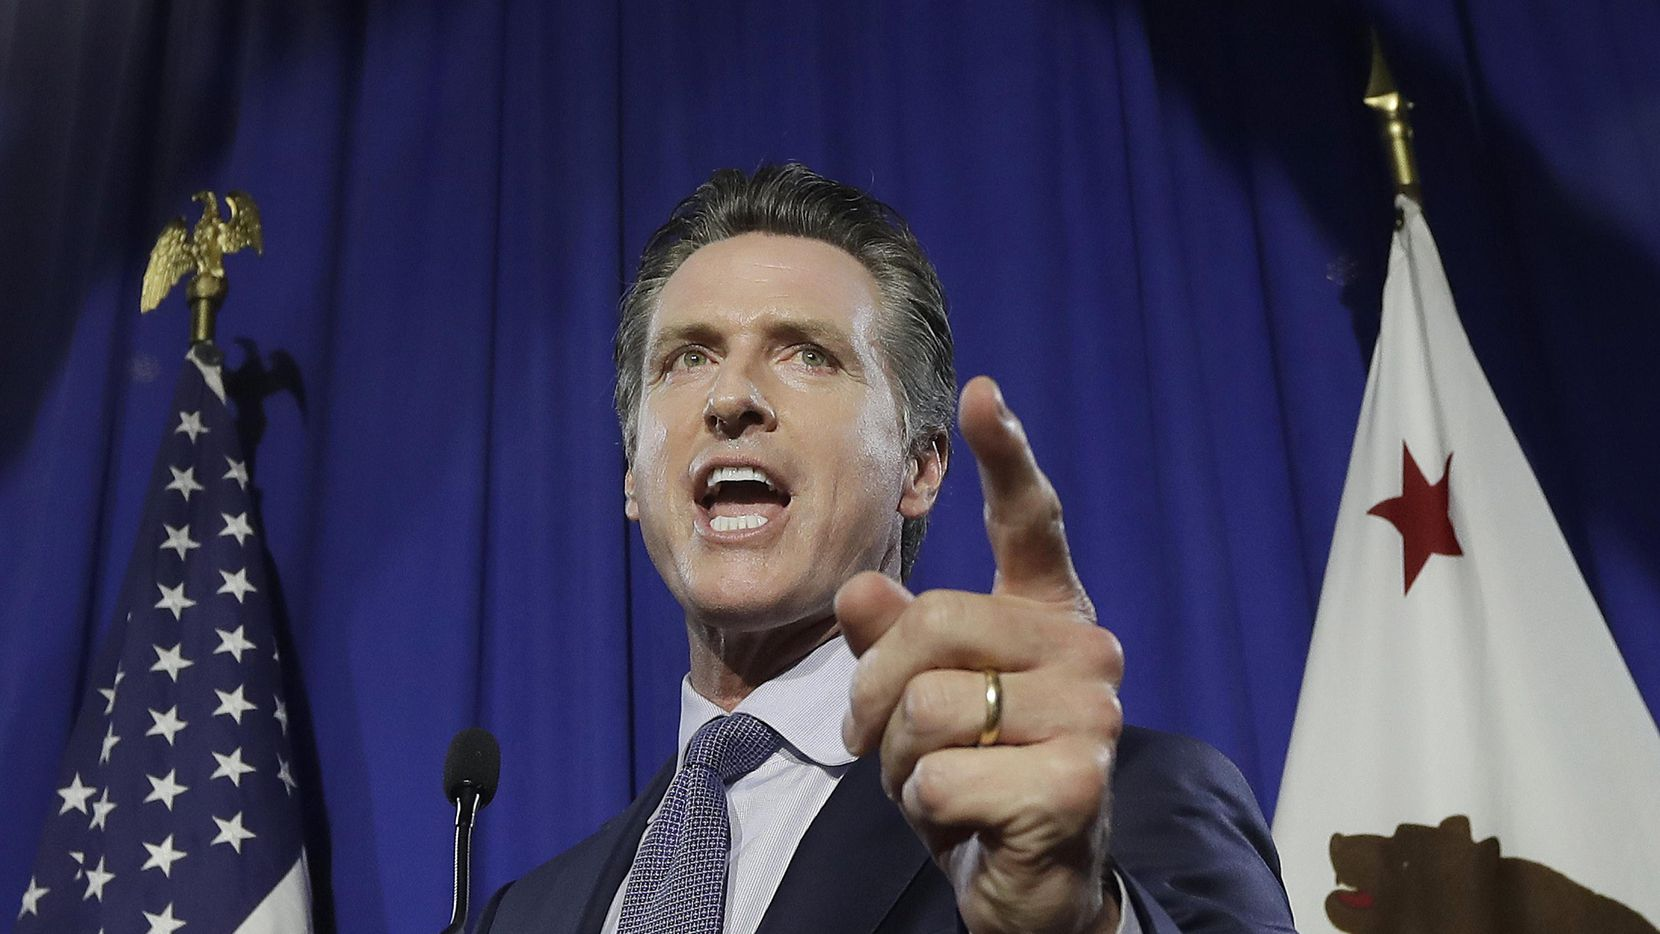 El vicegobernador Gavin Newsom derrotó a Antonio Villarraigosa en la primaria demócrata.(AP)